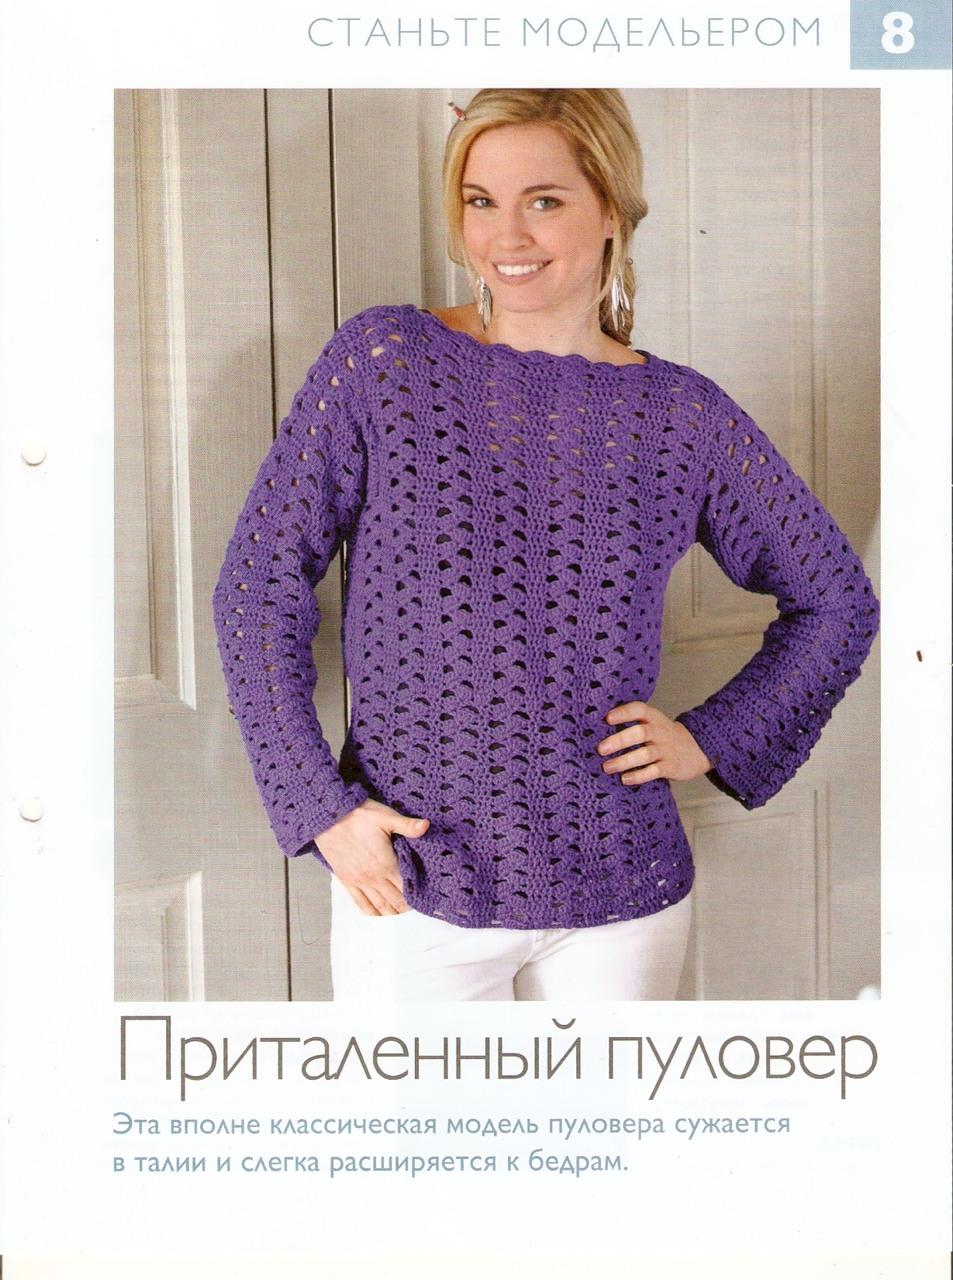 Вязание крючком для начинающих свитера